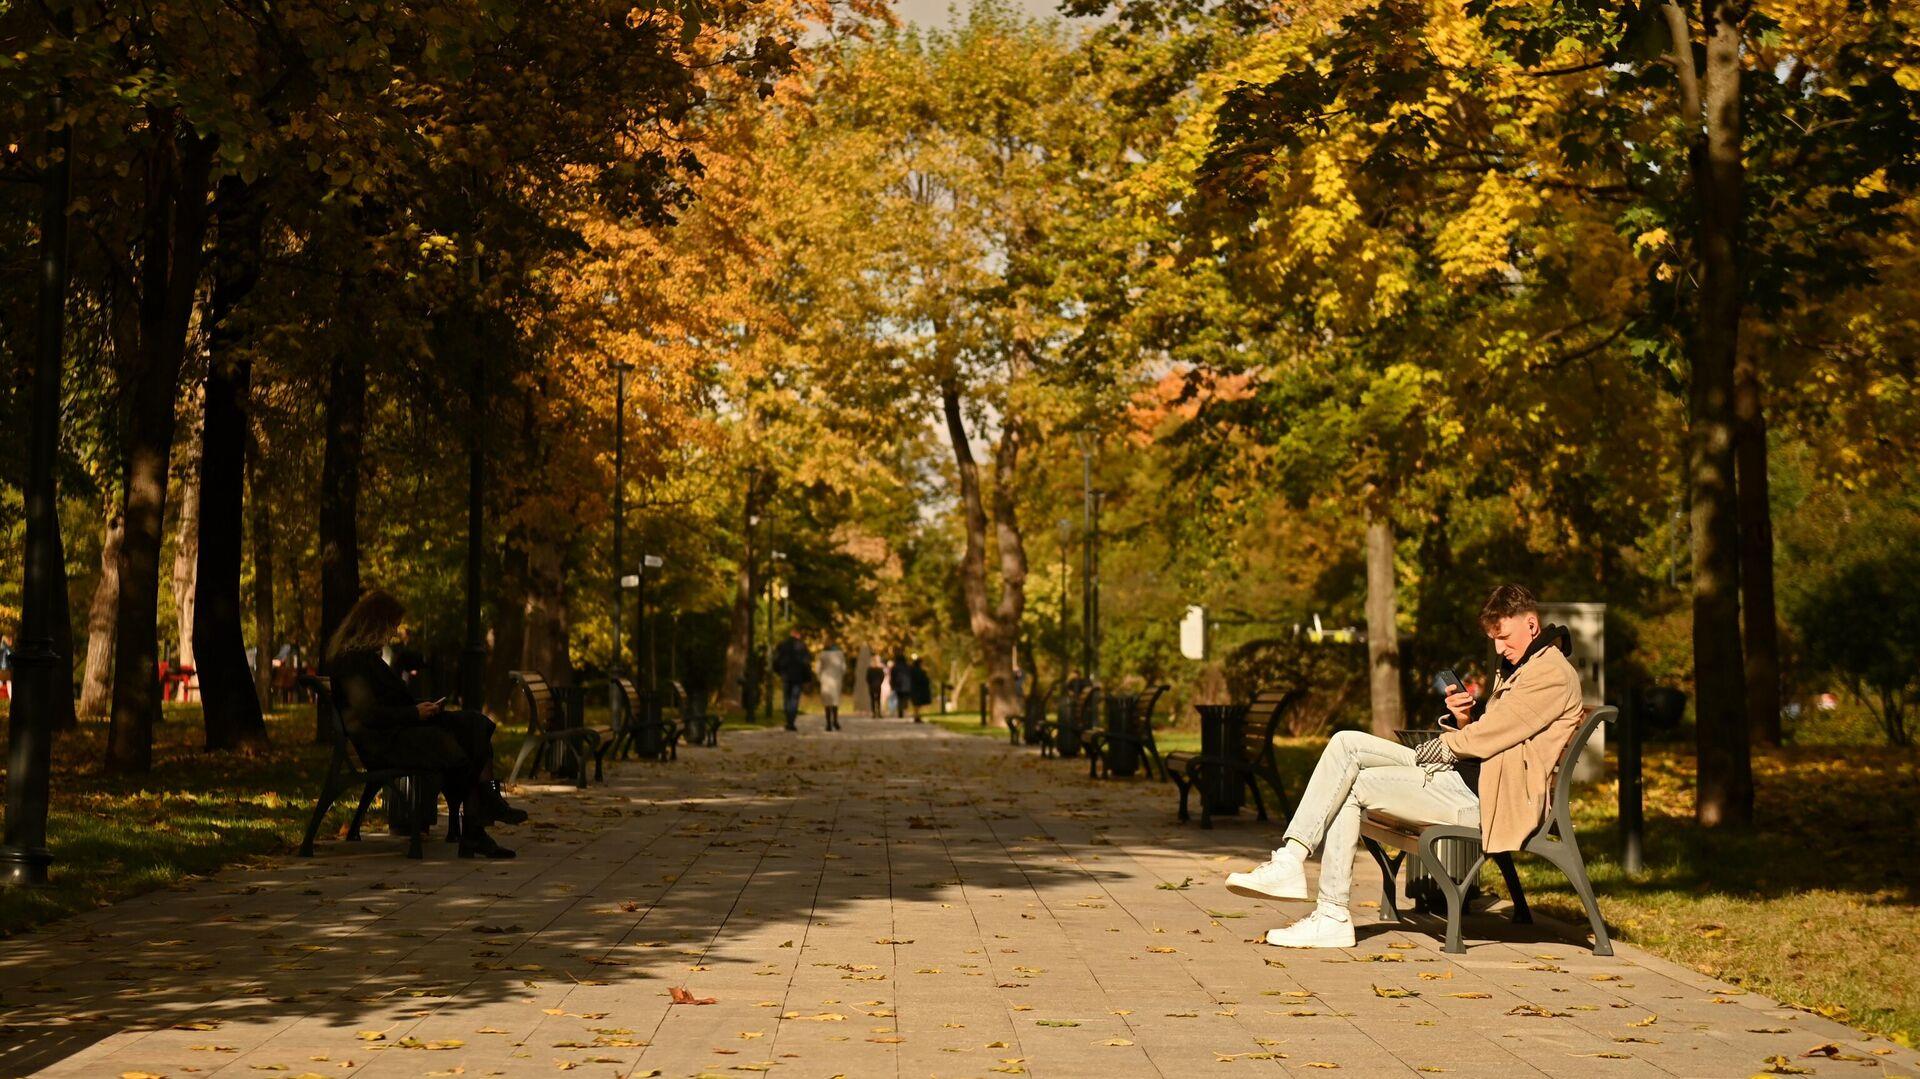 Отдыхающие в парке Декабрьского восстания в Москве - РИА Новости, 1920, 07.10.2021